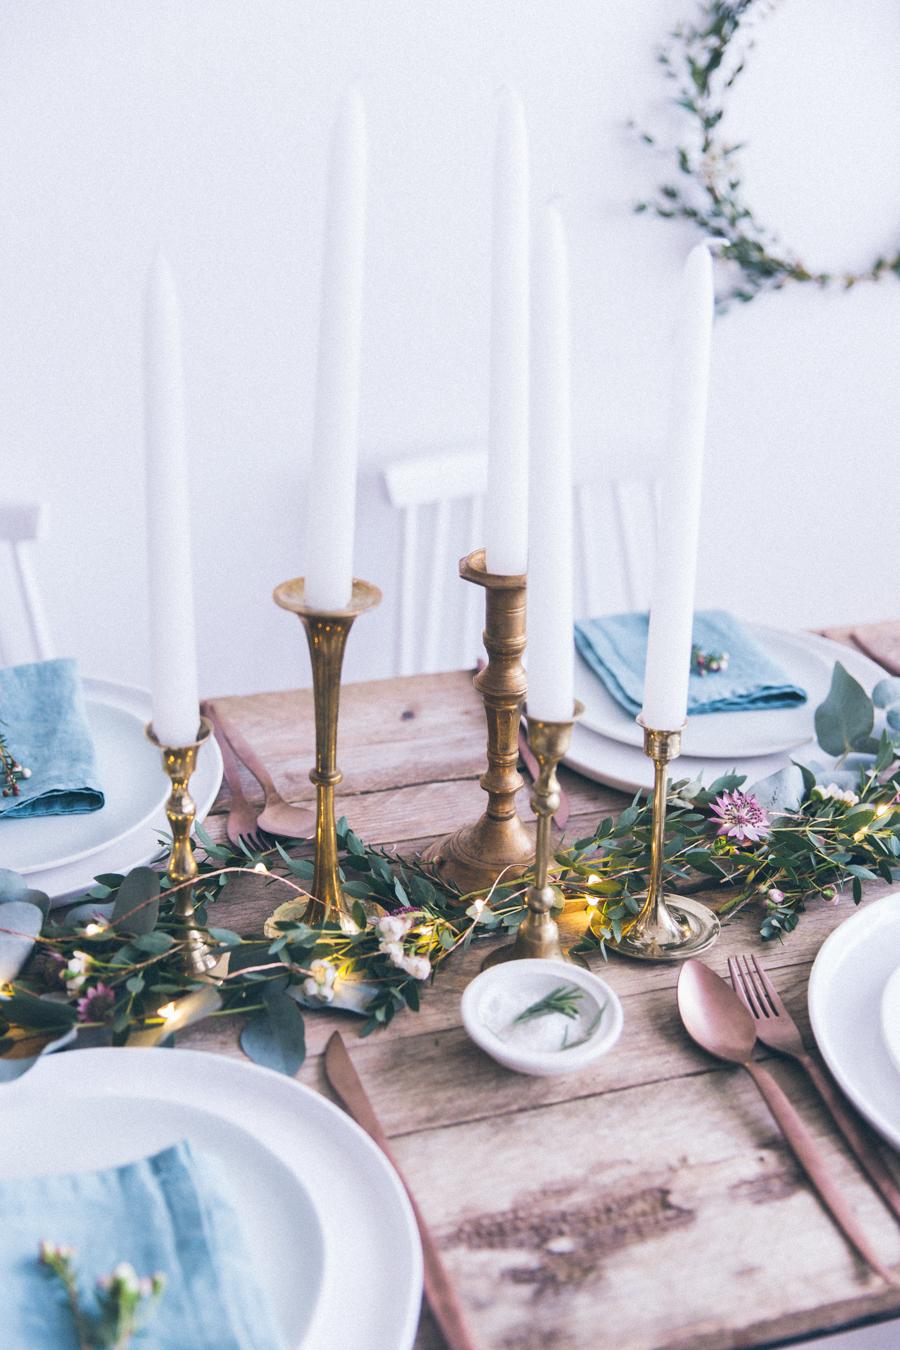 Conseils pour dresser sa table de Noël ou table de fête de mariage - style de table rustique en bois, plantes vertes et chandeliers dorés - blog cuisine lifestyle dollyjessy